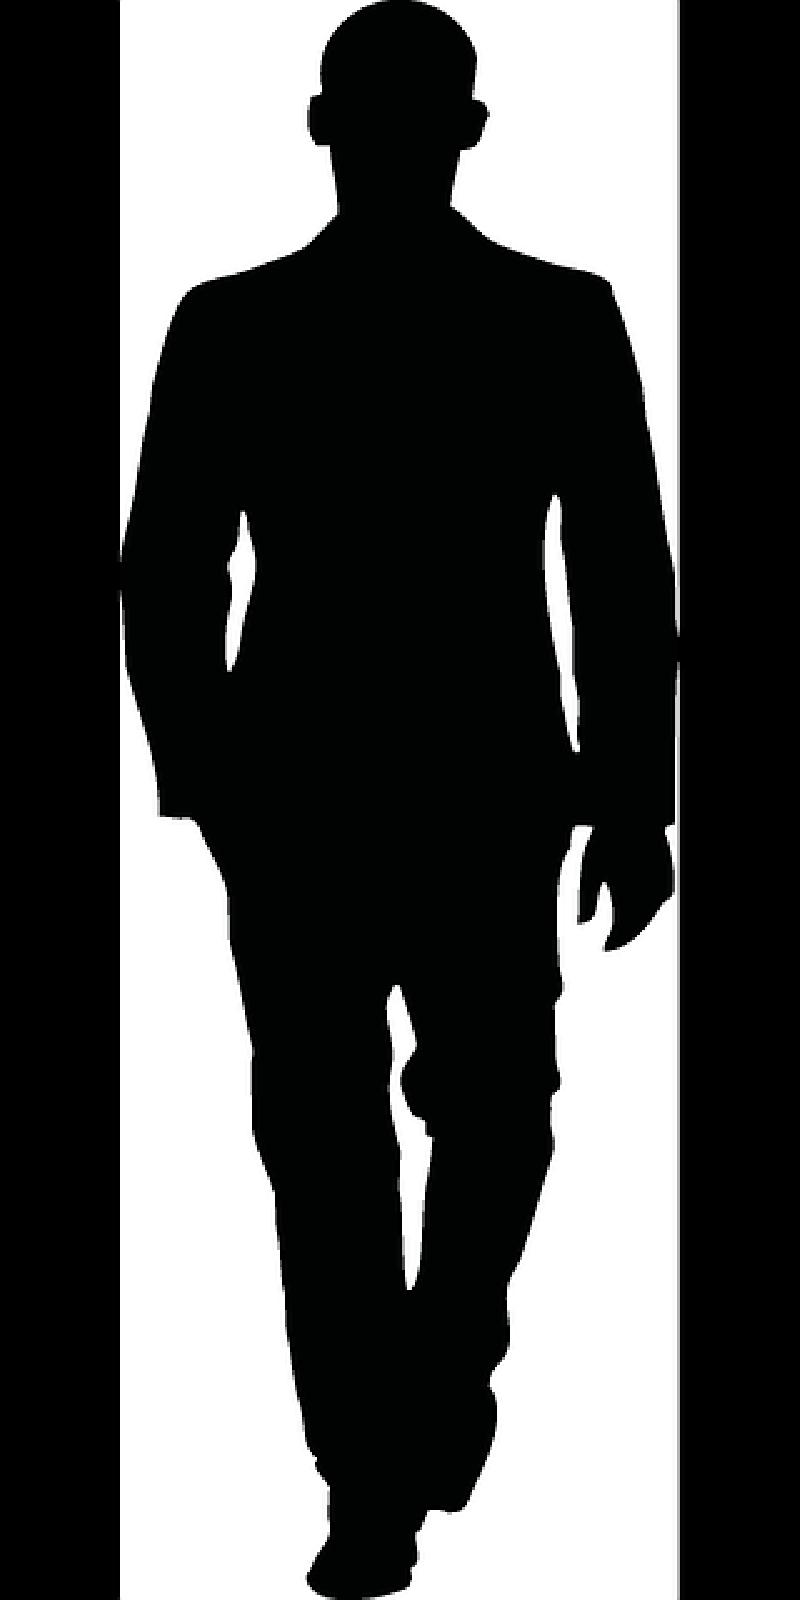 800x1600 Walking, Man, Male, Figure, Sportive, Silhouette